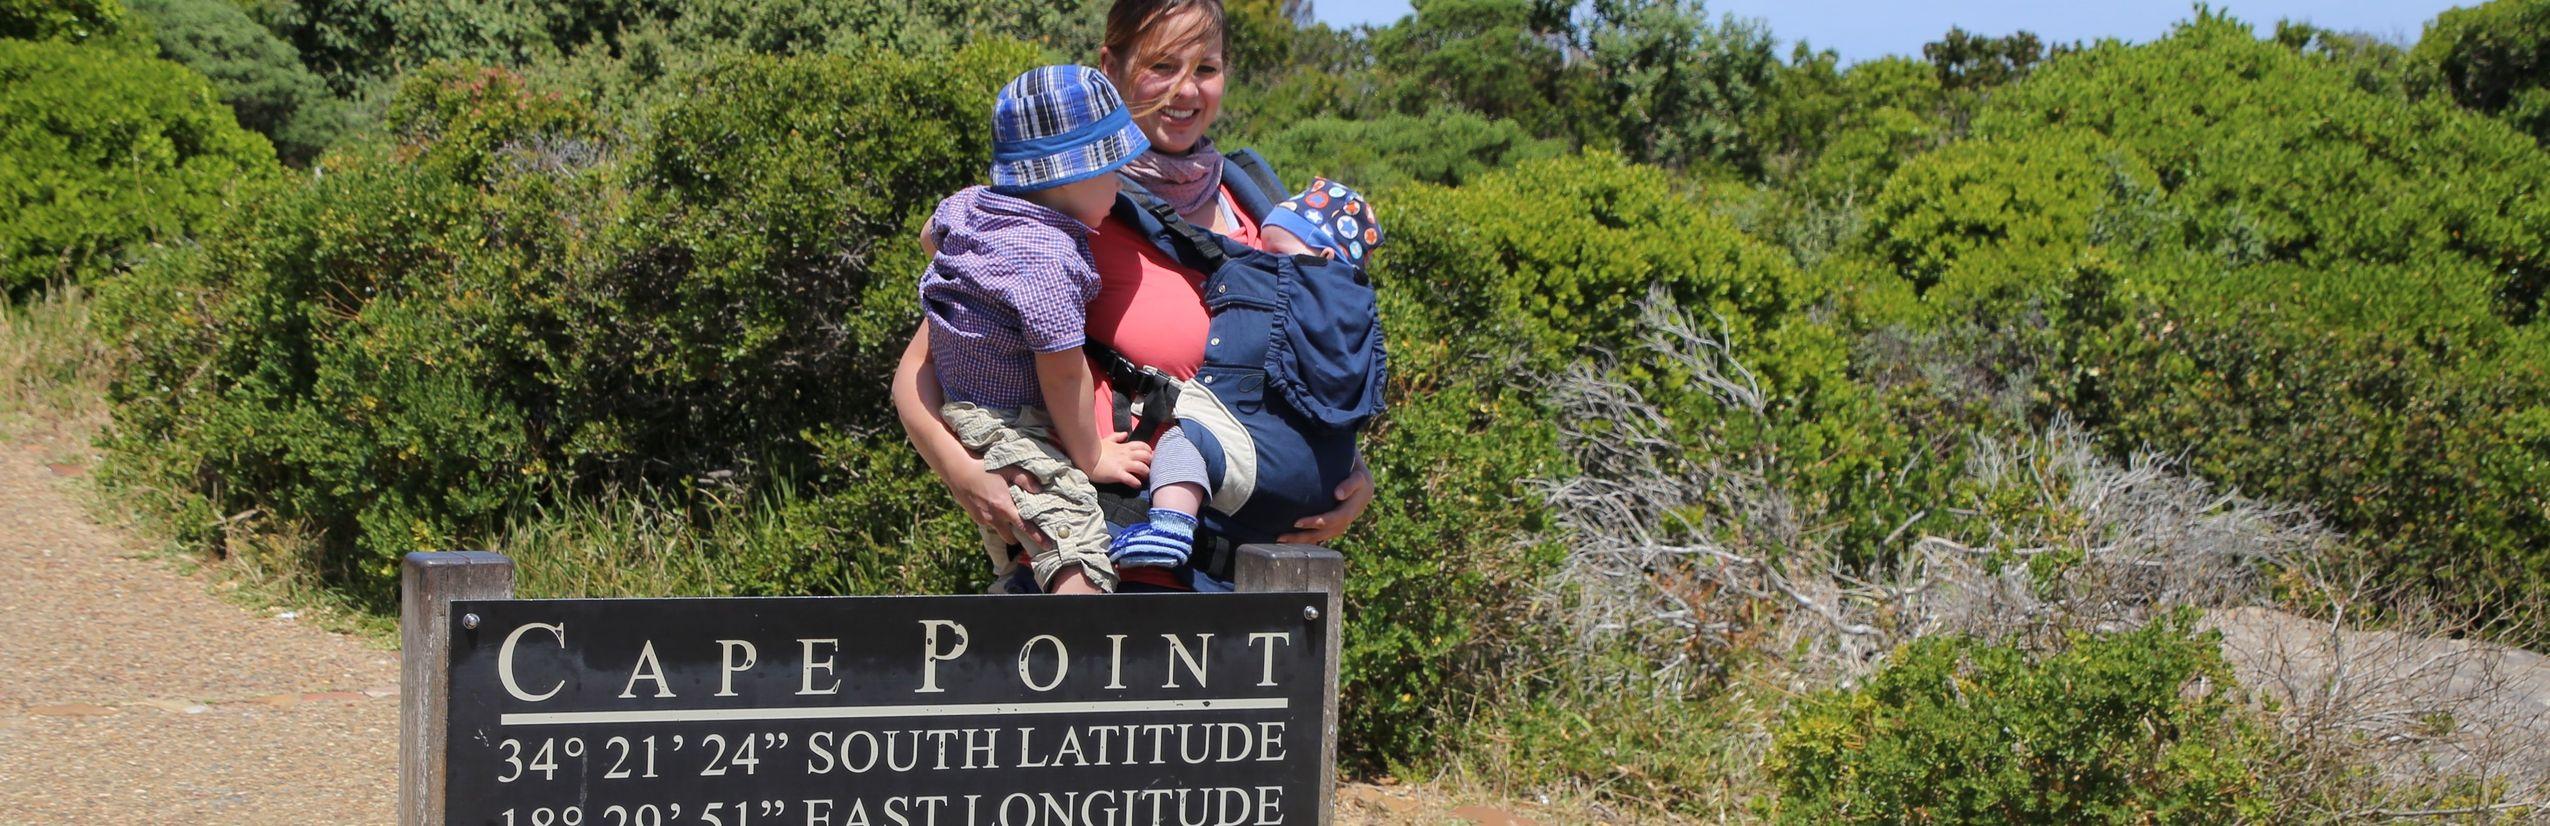 fernreise mit kleinkind